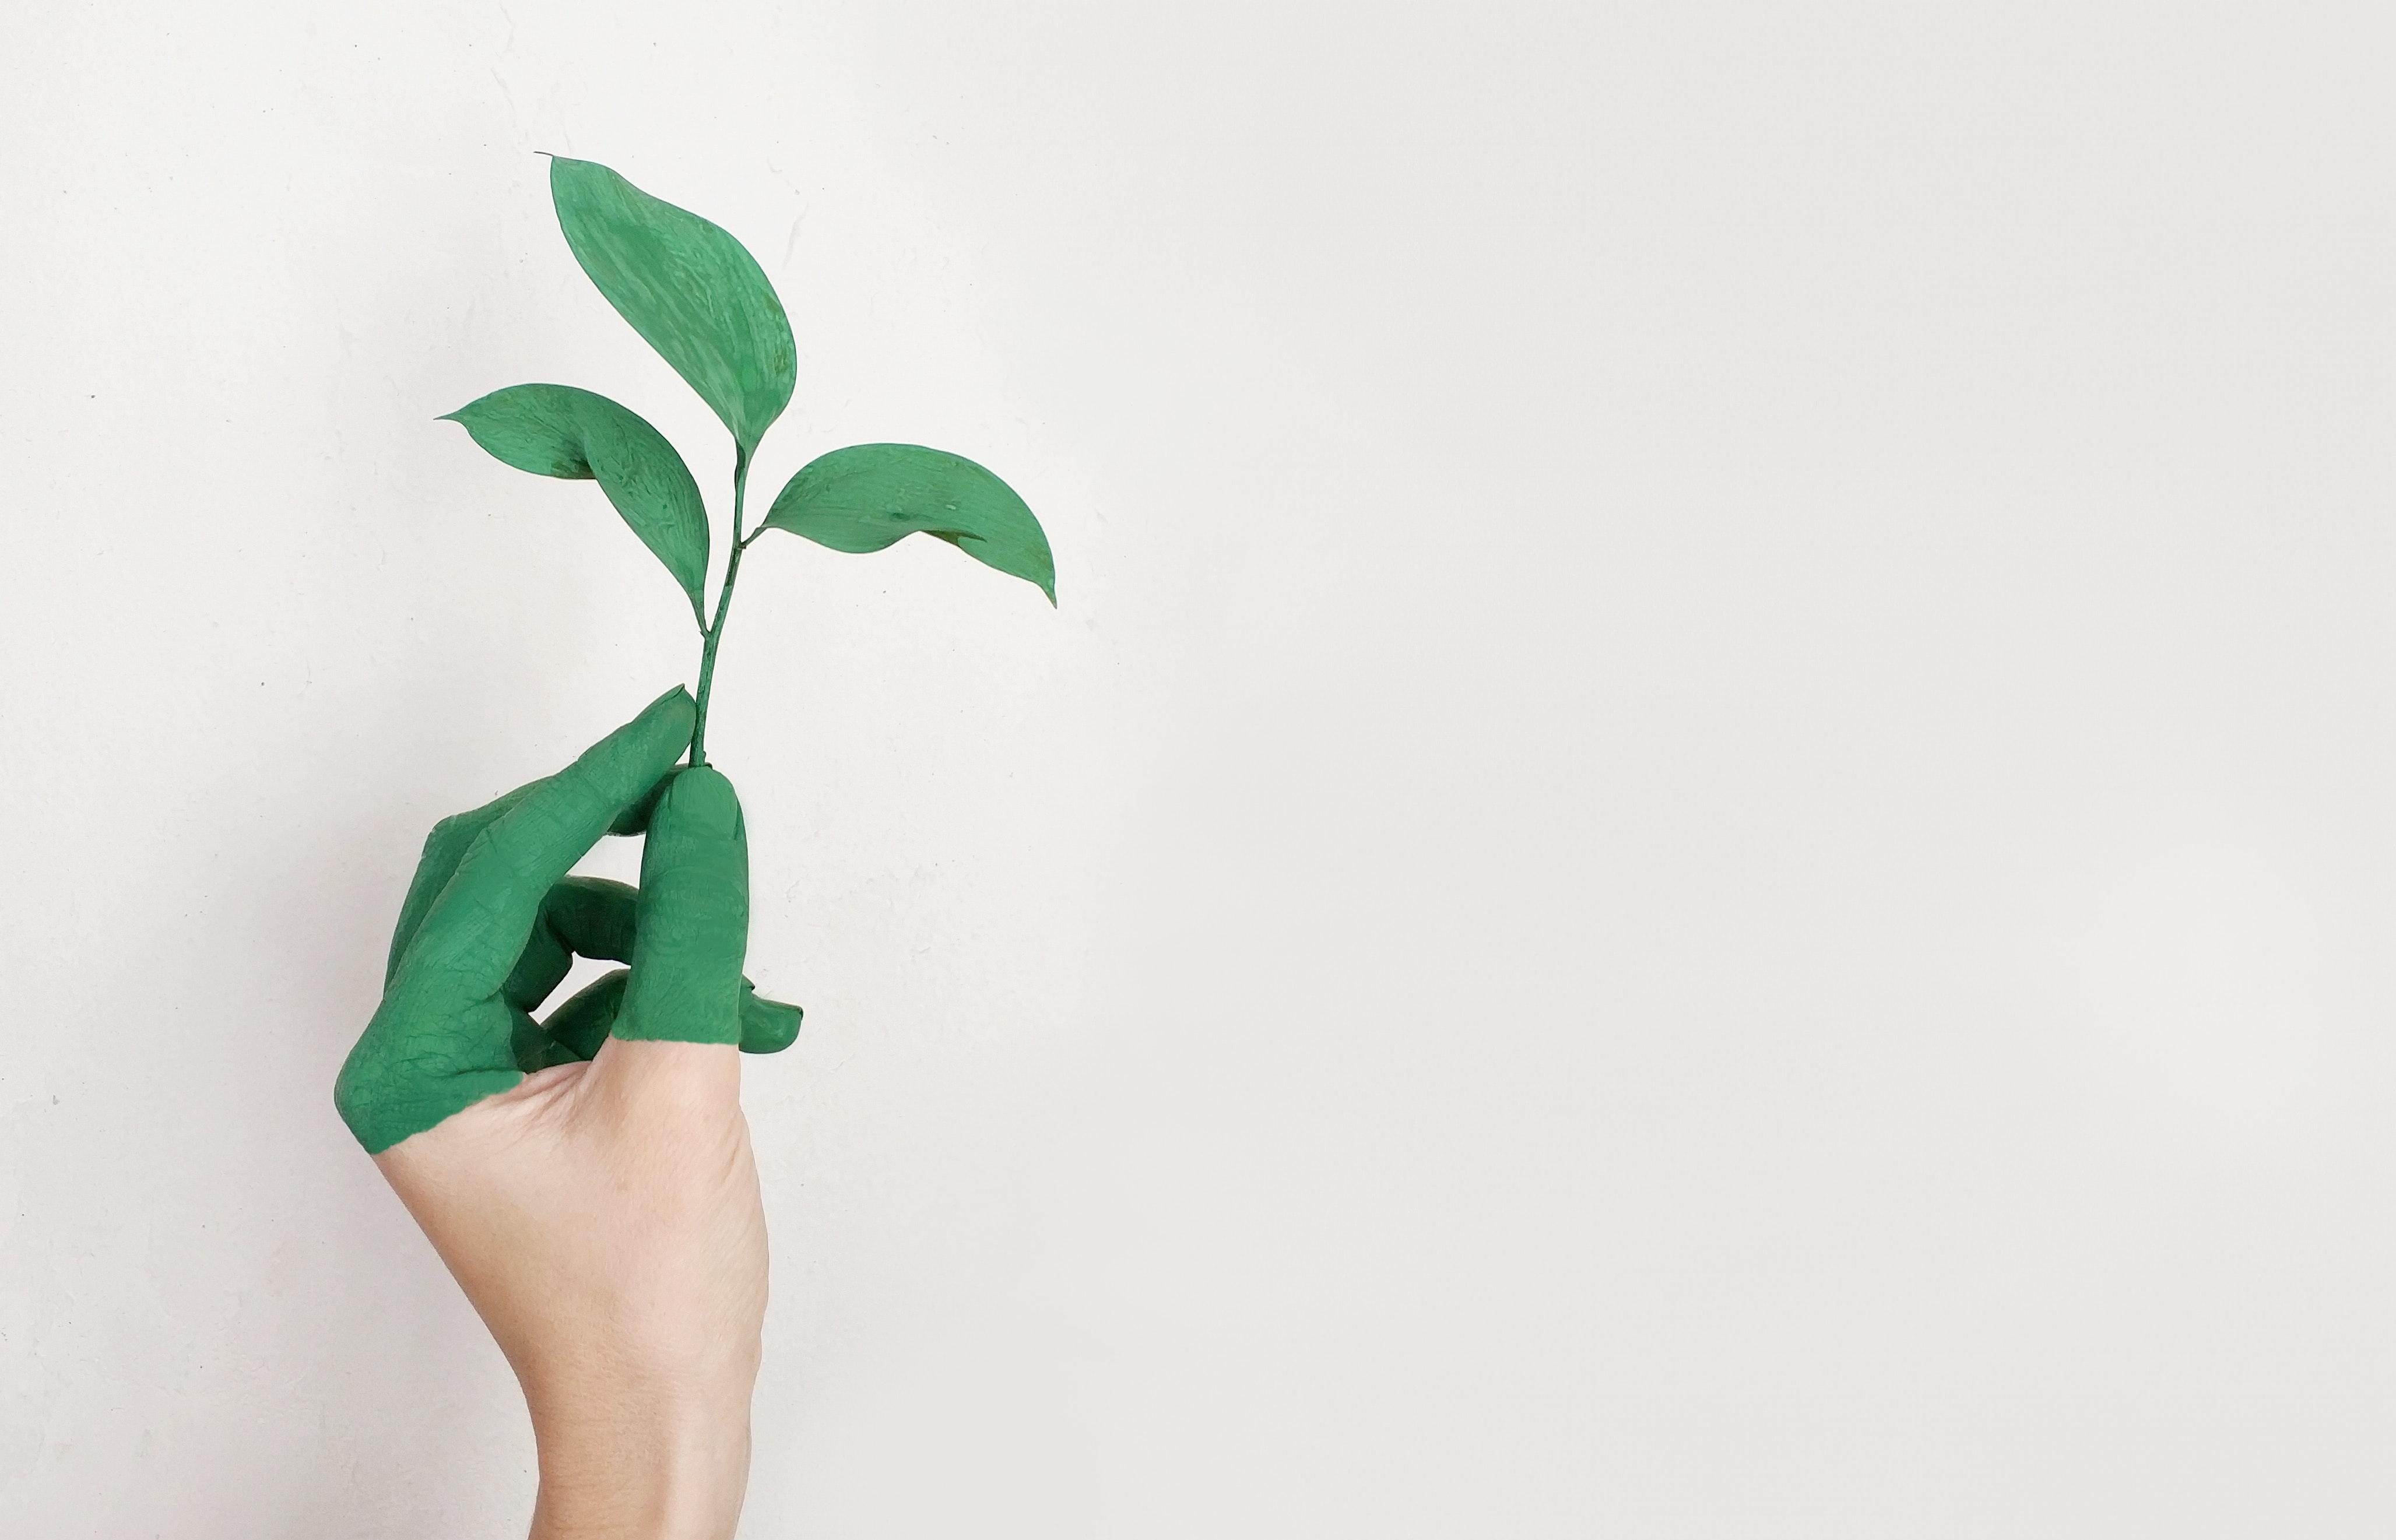 Sustentabilidade nos empreendimentos imobiliários